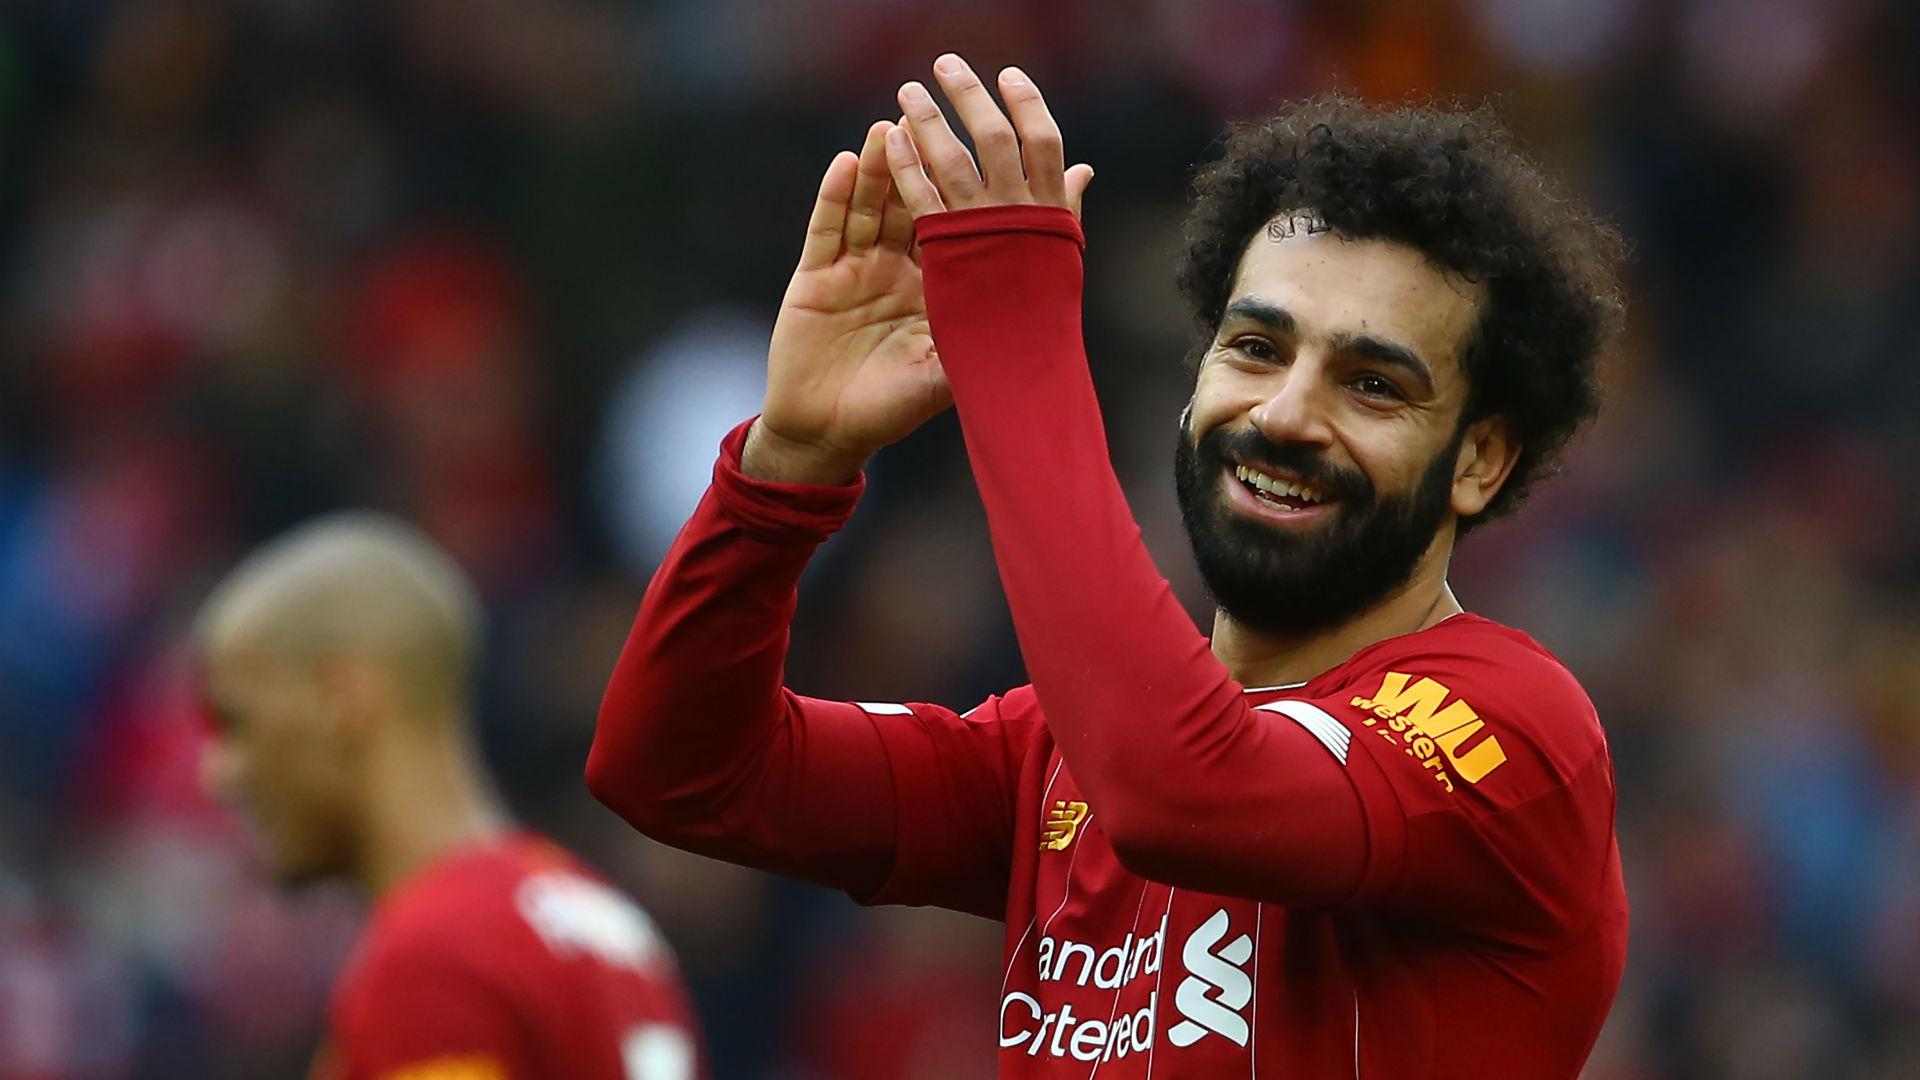 إختيار اللاعب محمد صلاح كأفضل لاعب إفريقي